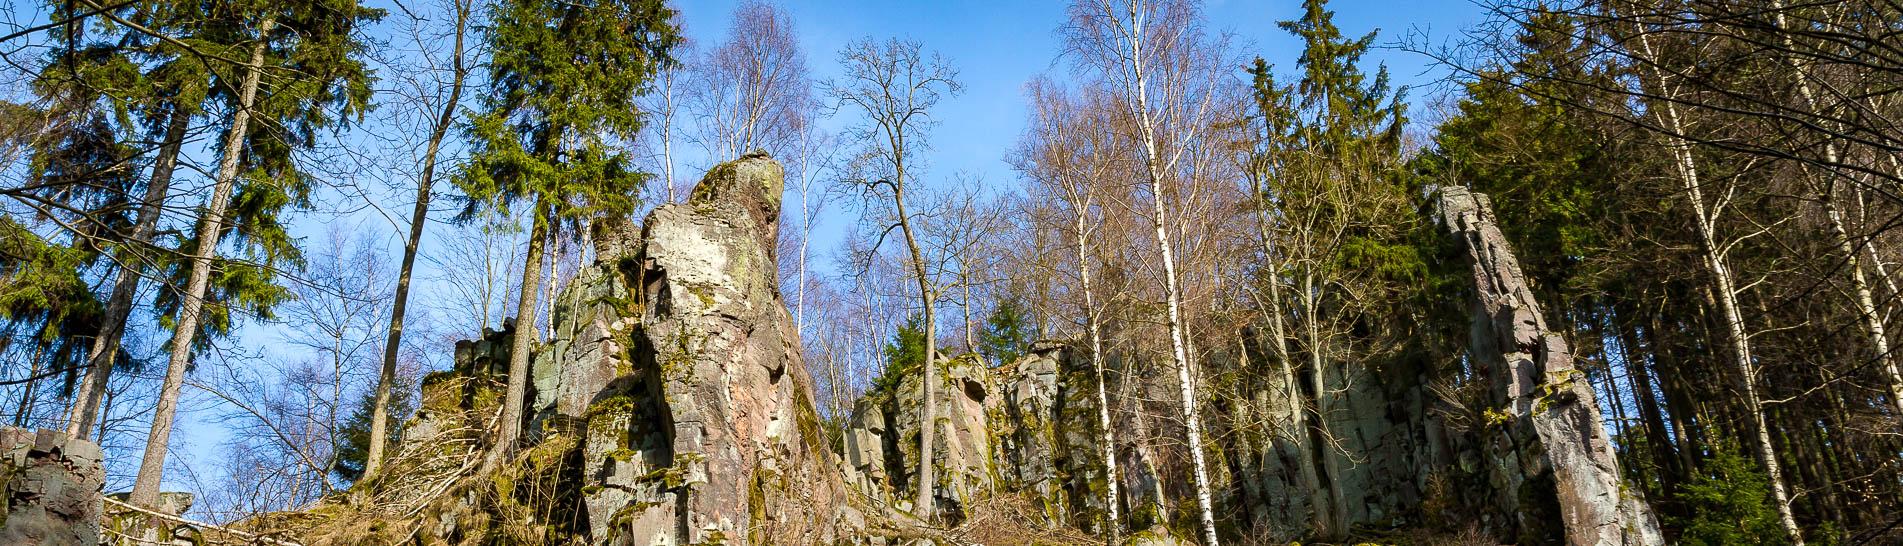 Fotowanderung in das Steinmuehlental im Natürpark Südharz